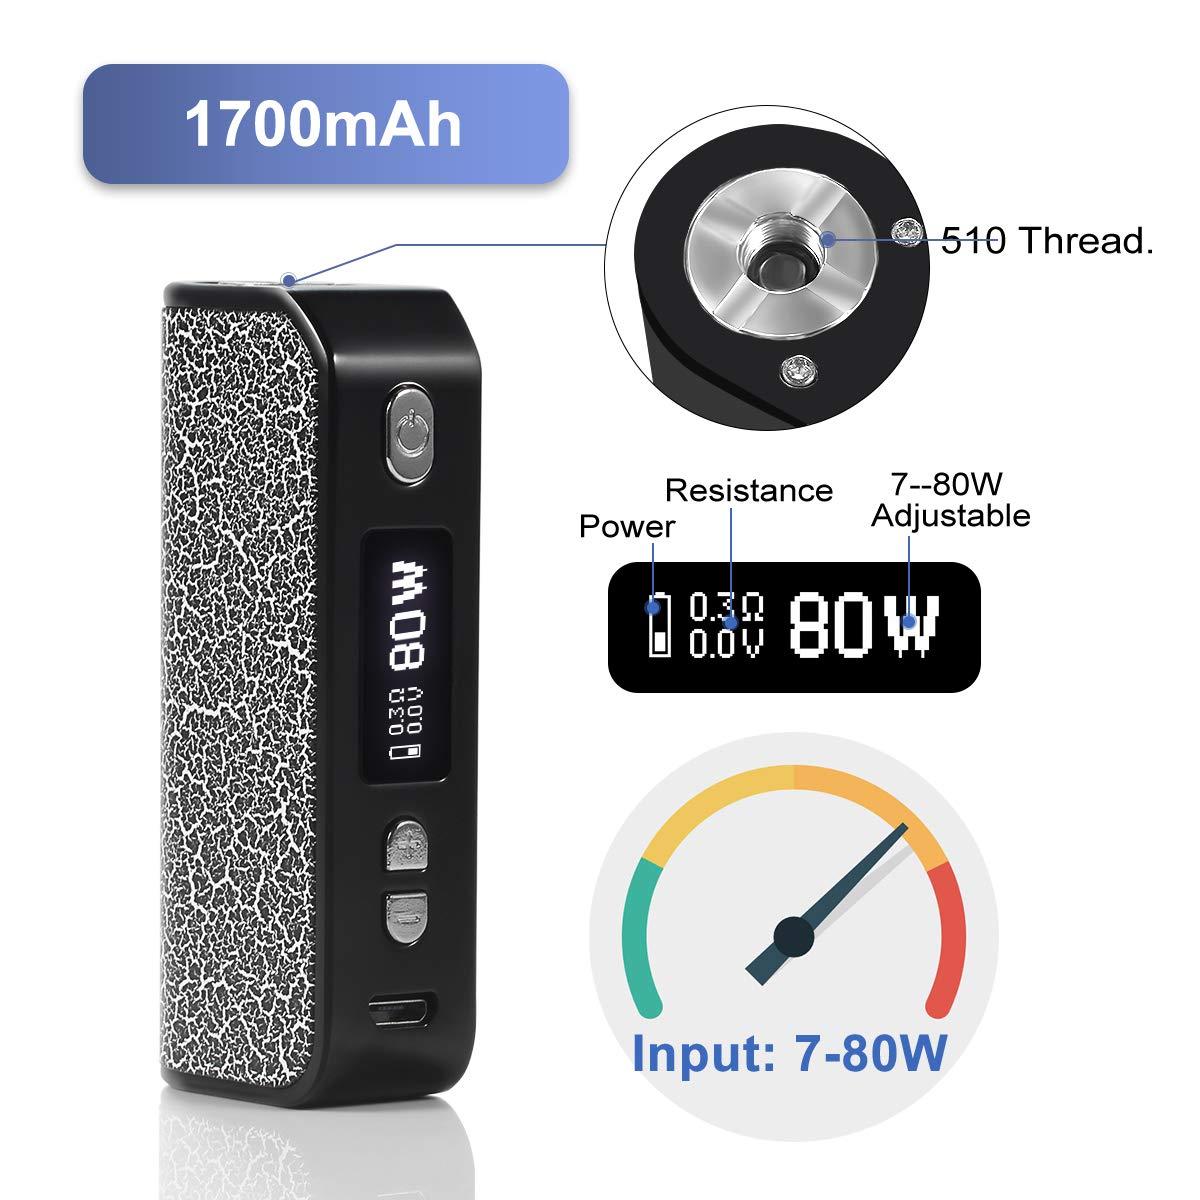 Cigarrillo Electronico Kit, Voanio Cigarros Electronicos De Vapor 80W Vapeador Kit Completo con Bobina incorporada: 0.25ohm y OLED con modo - Sin nicotina, ...